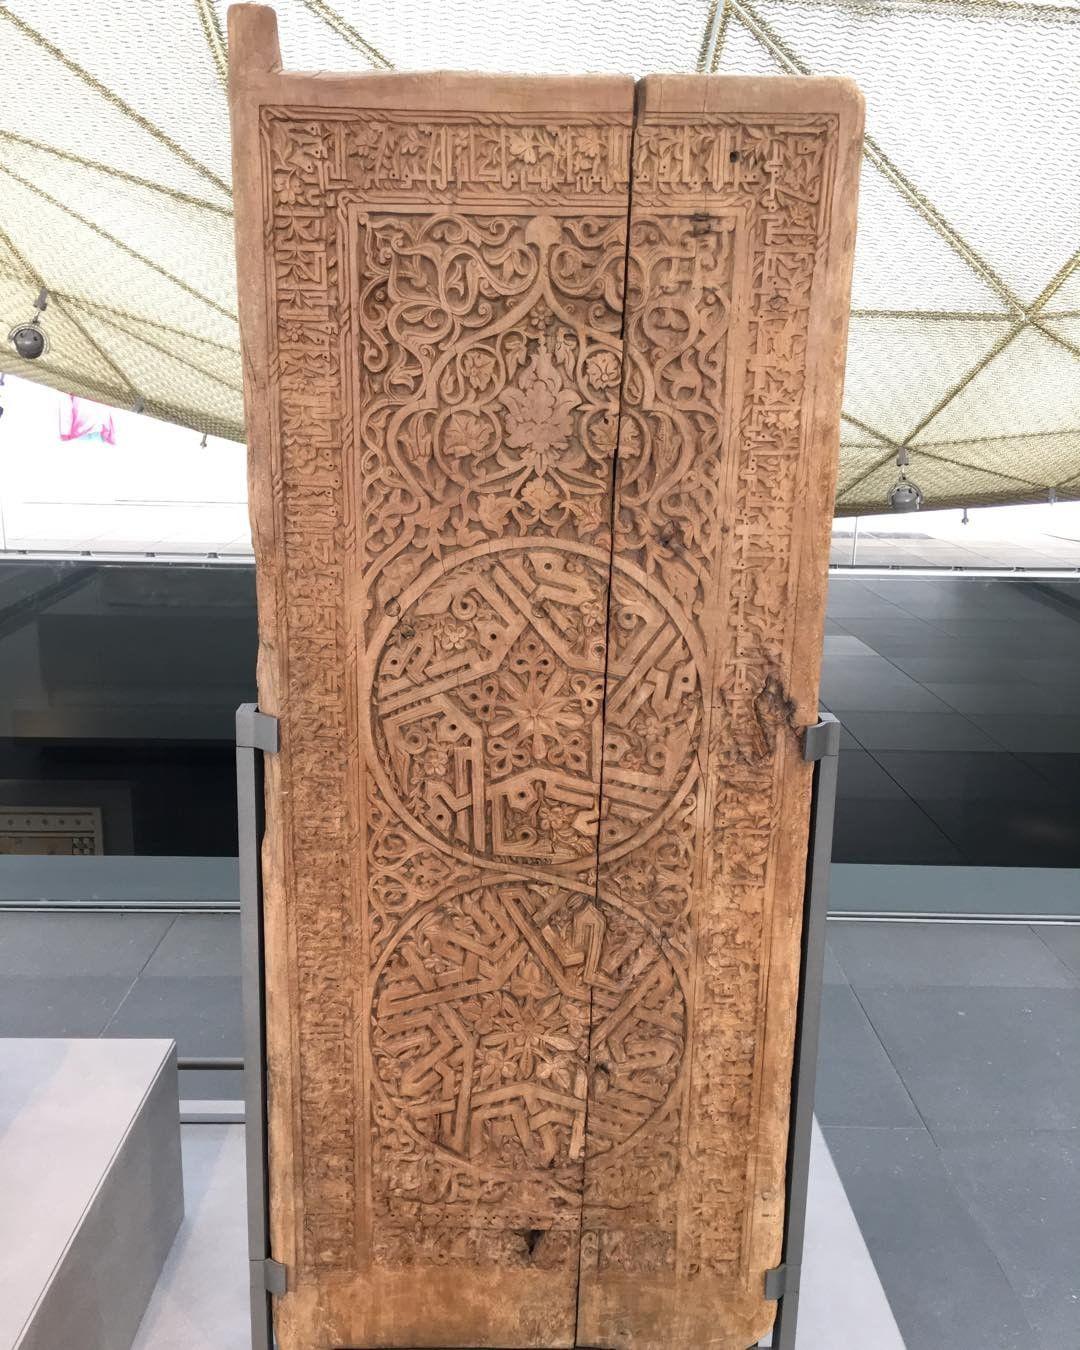 Khat Diwani Ajhalawani/Amr باب مزخرف بكتابات ب #الخط_الكوفي وعليه نقشات من الزخرفة النباتية. #متحف_اللوفر … 56